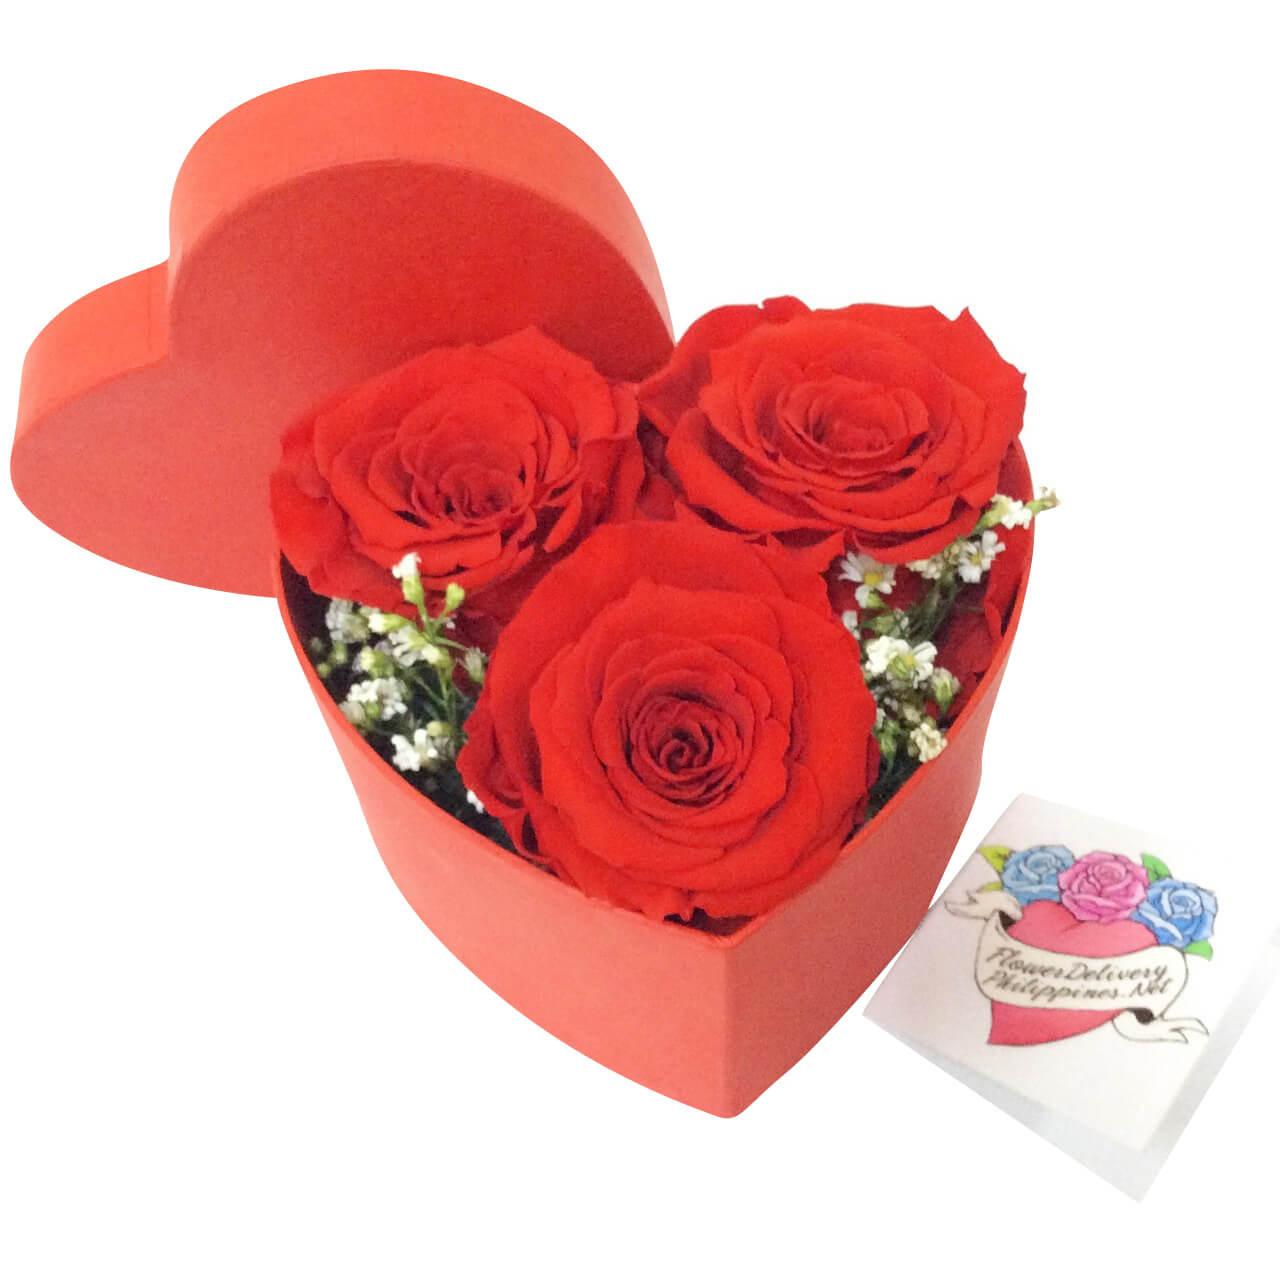 Ecuadorian Roses Love Box